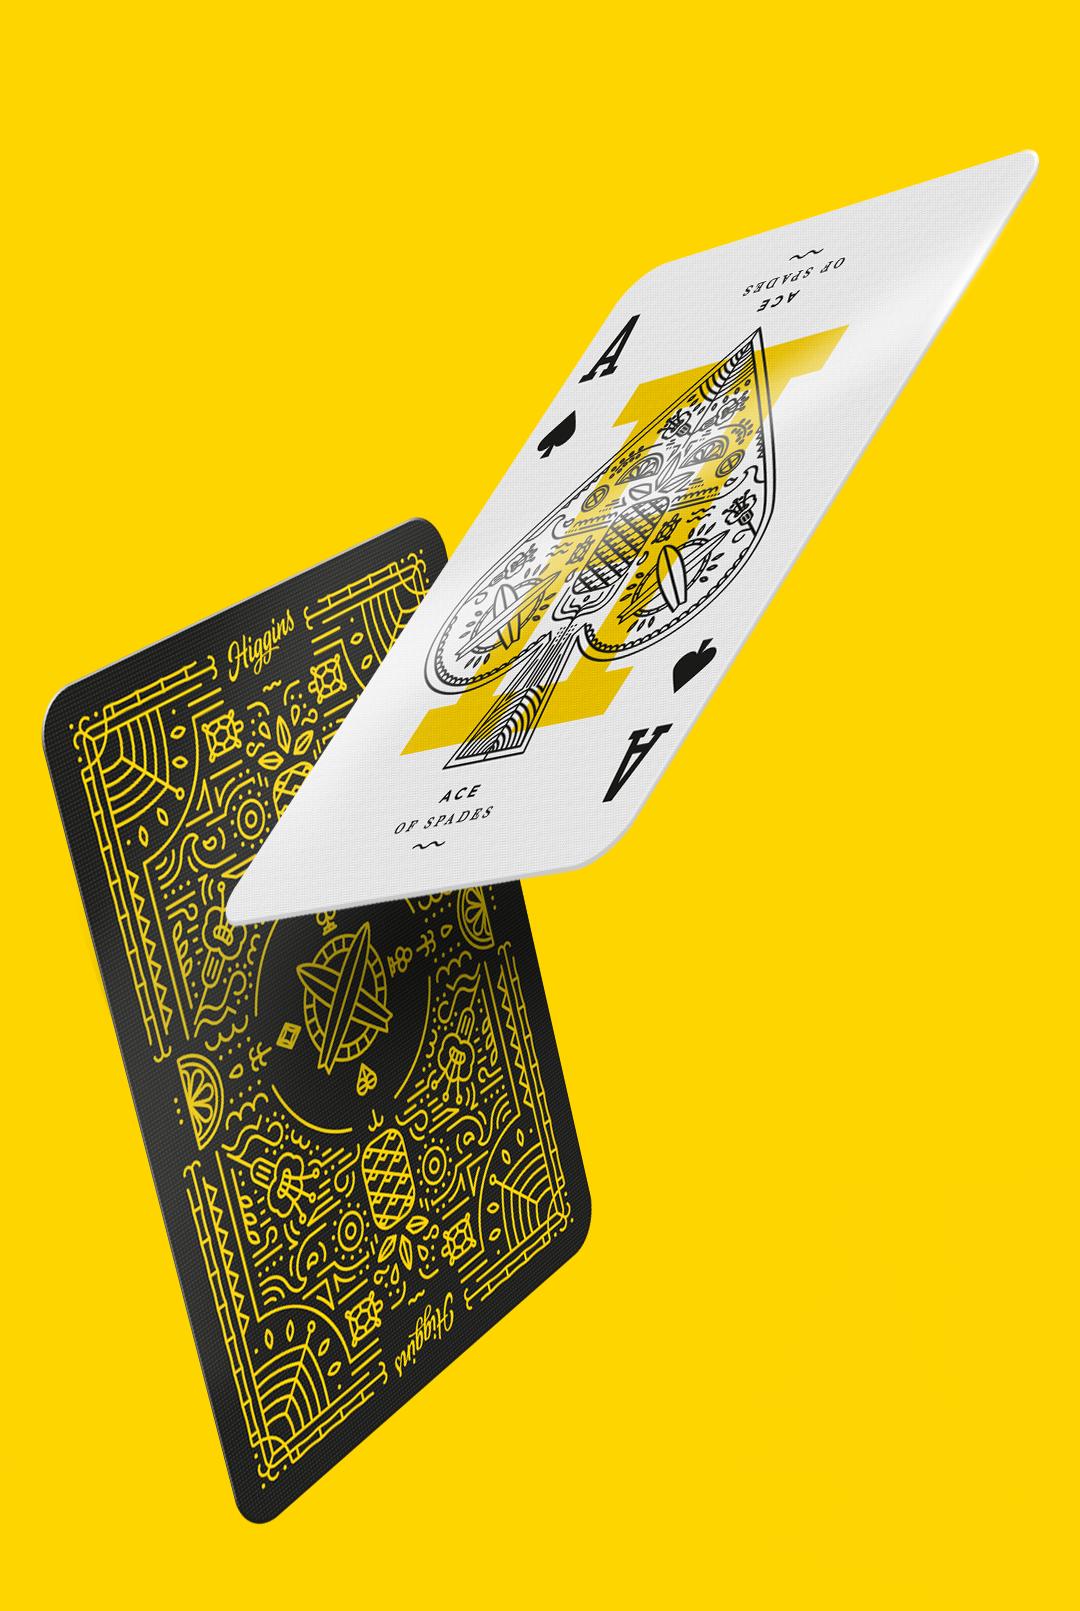 Higgins Cards